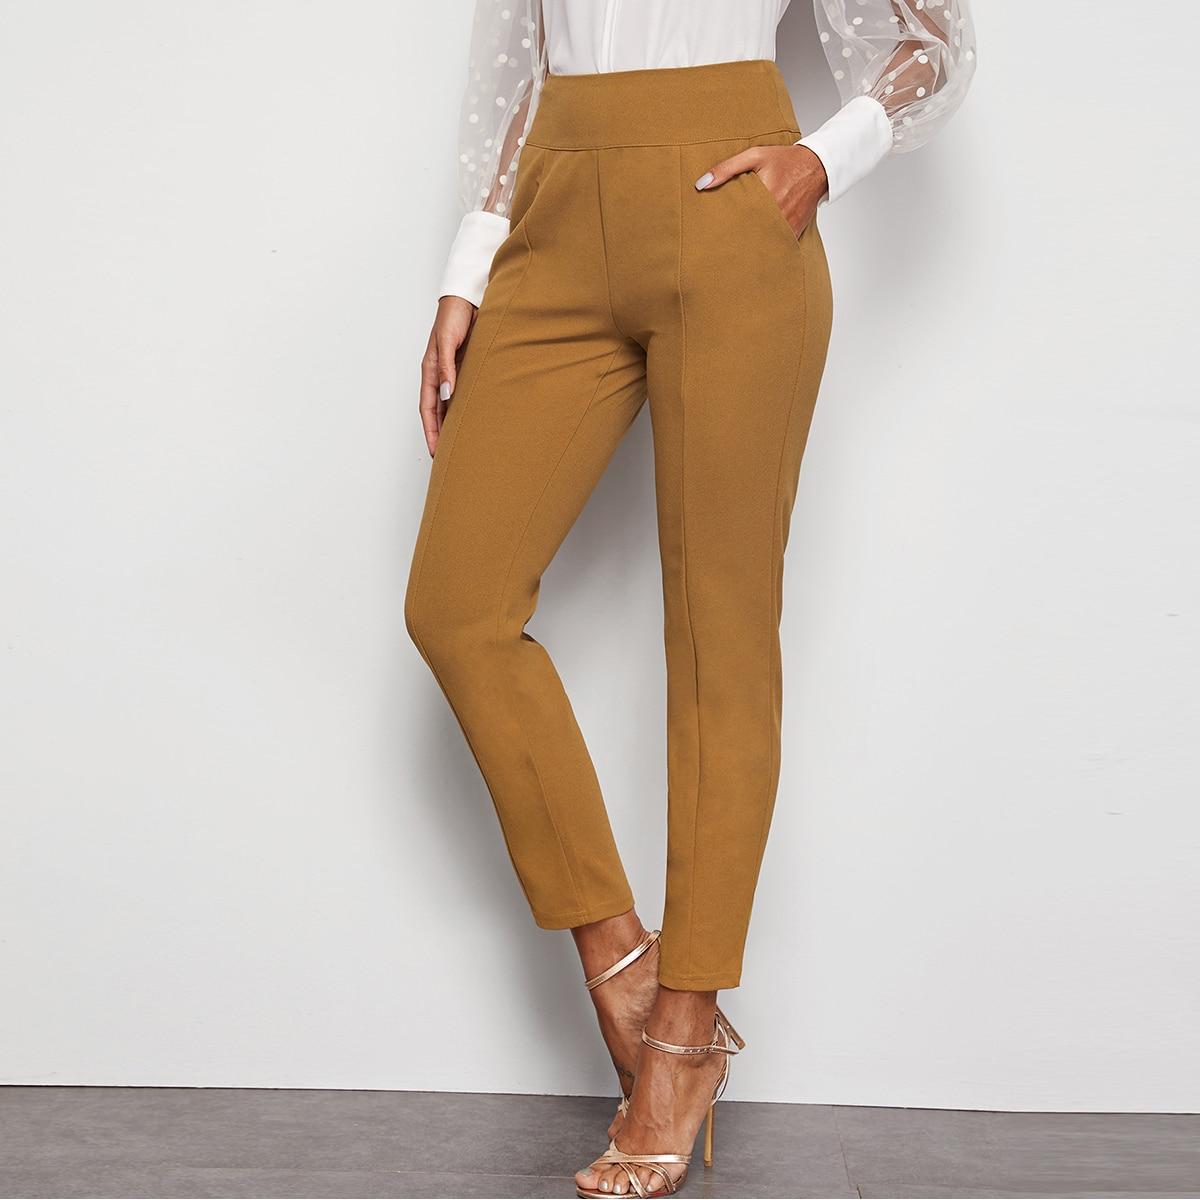 Hosen mit Reißverschluss hinten und weitem Tailleband